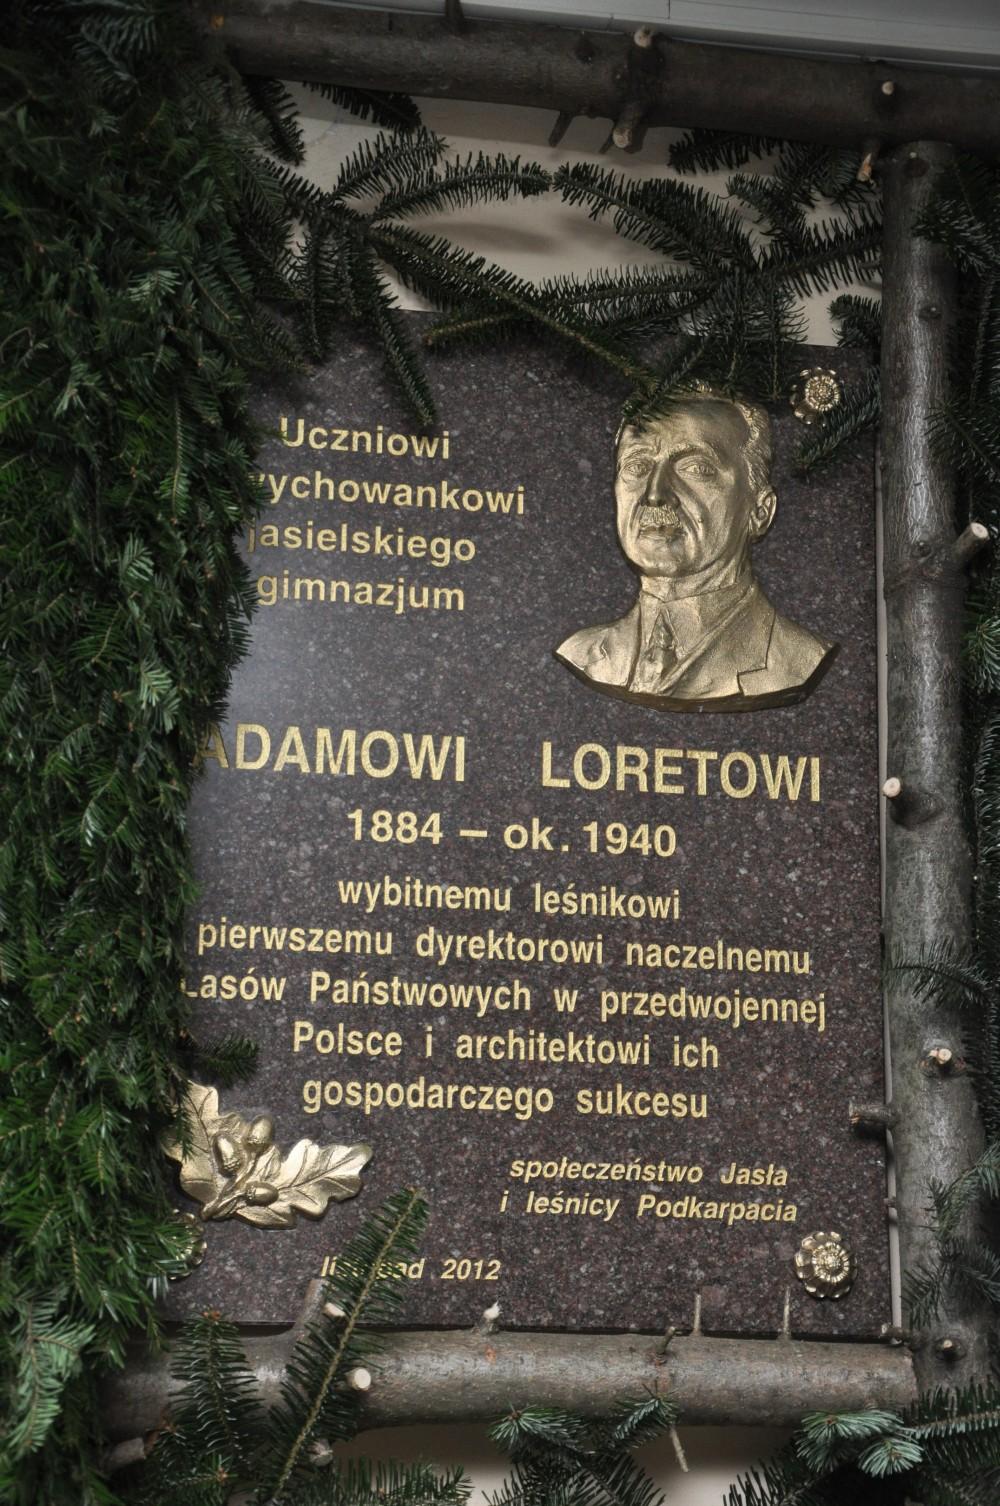 Odsłonięcie tablicy pamiątkowej poświęconej Adamowi Loretowi